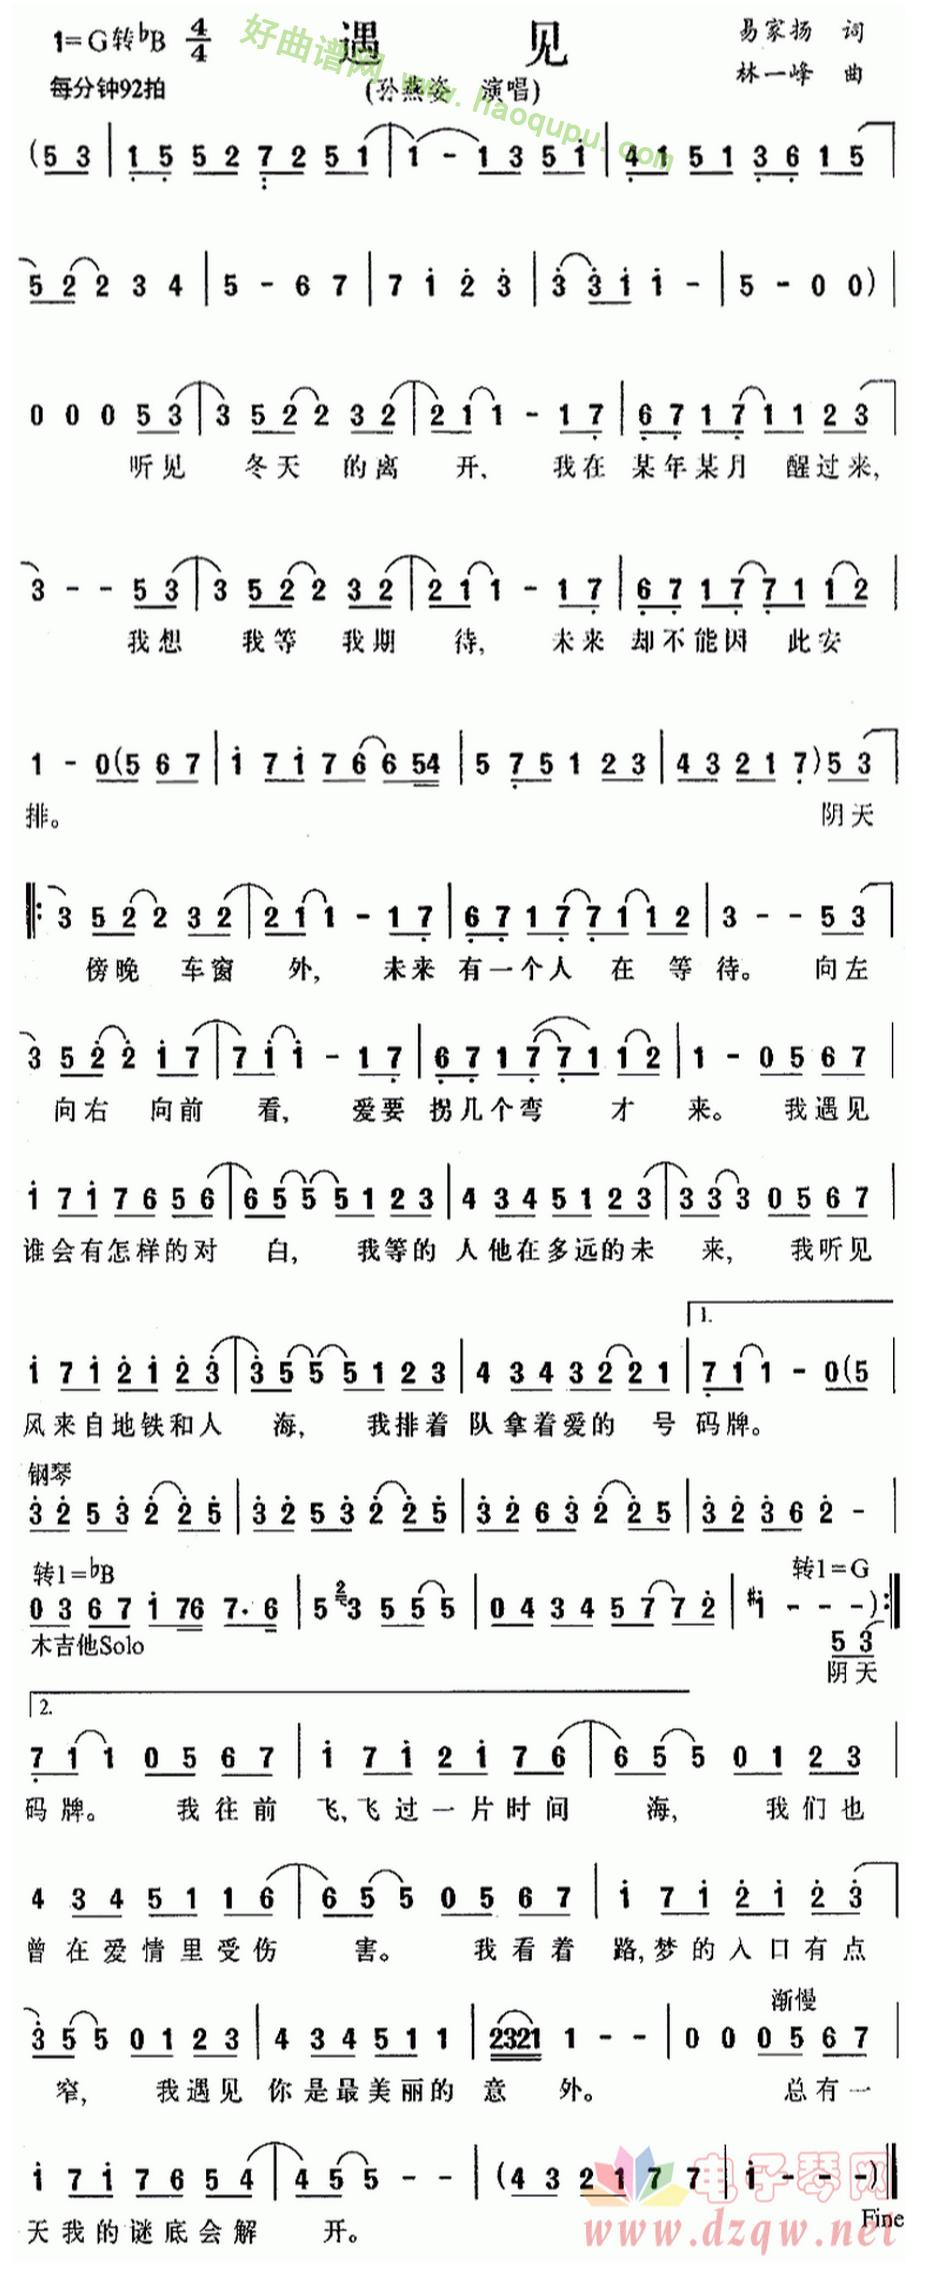 《遇见》 电子琴简谱第1张